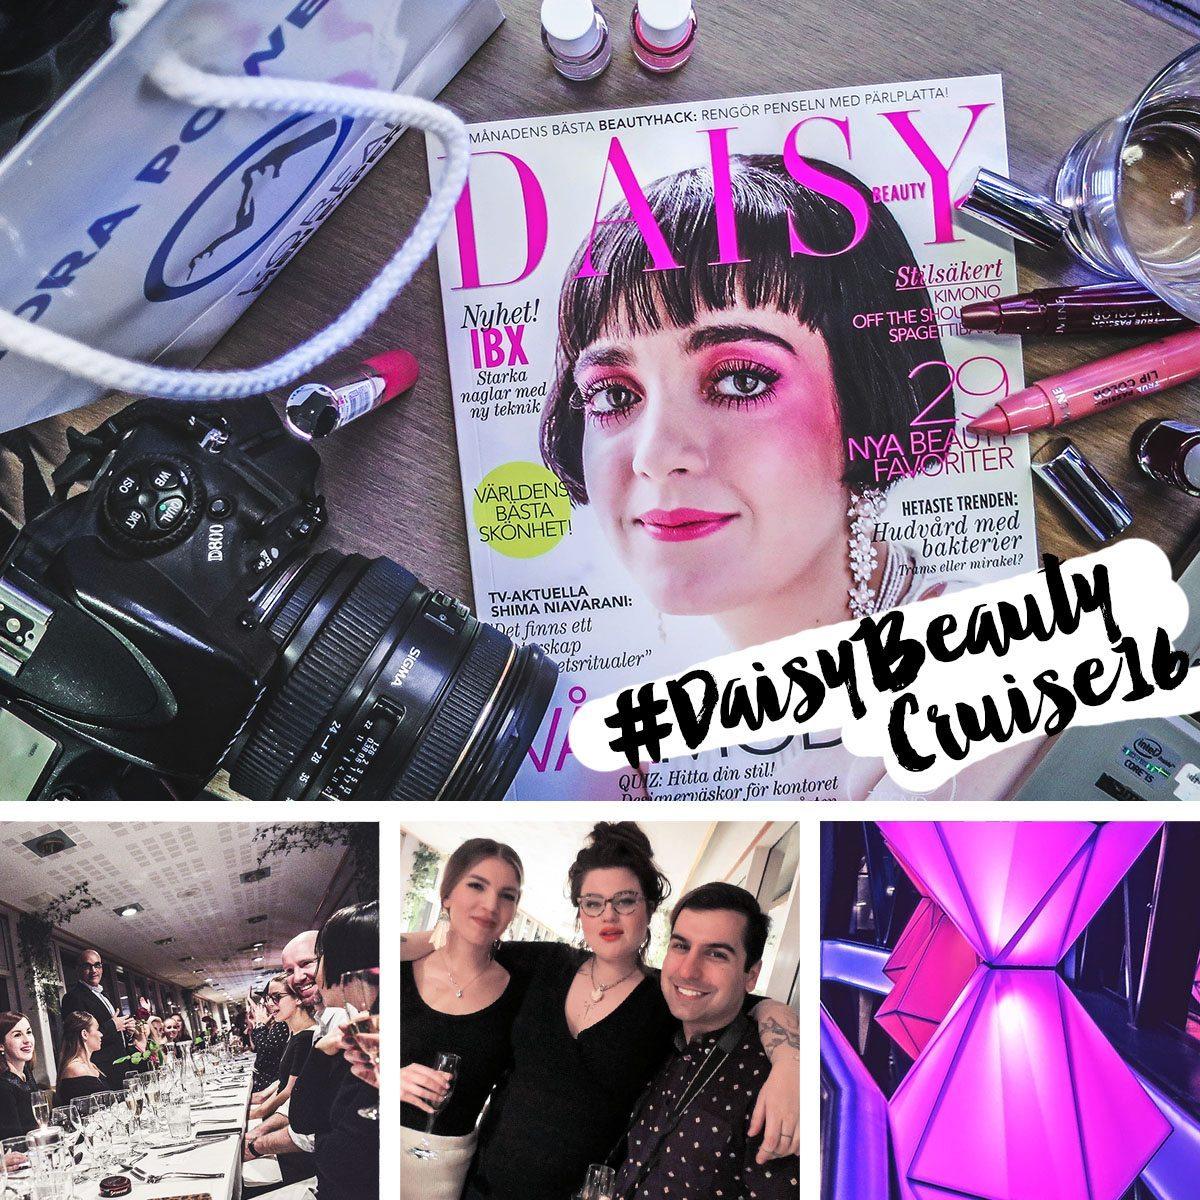 #DaisyBeautyCruise16